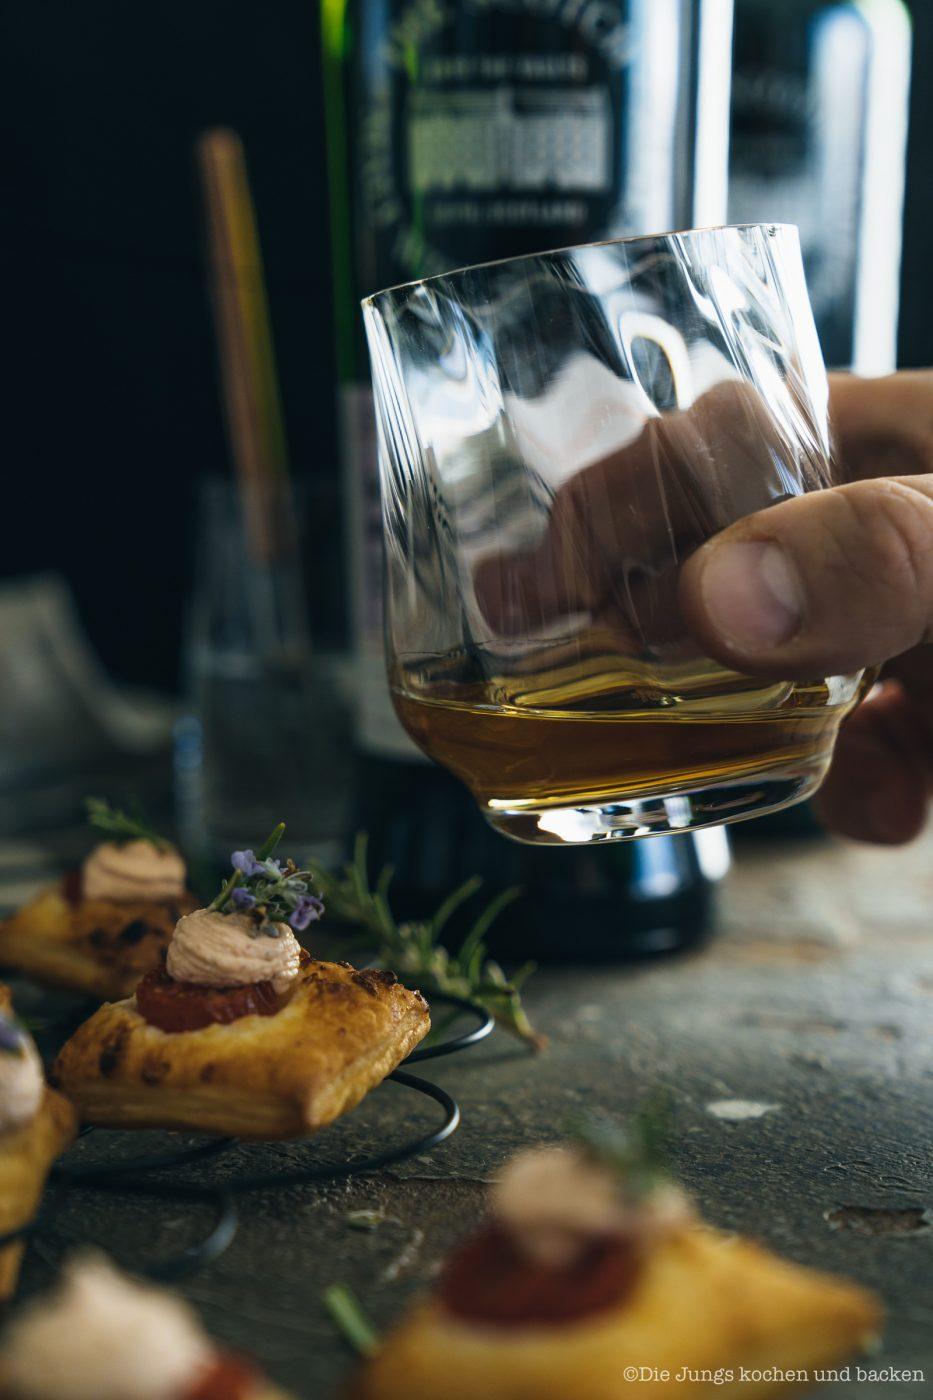 SMWS Bl%C3%A4tterteig happen 20 | Heute haben wir quasi gleich zwei Rezepte für euch im Gepäck, denn wir sind echte Fans von diesen leckeren Kleinigkeiten - Snacks mit wenigen Zutaten, die super flott gemacht sind . Und obendrein haben wir noch ein paar wirklich schöne Informationen für alle Whisky Liebhaber. Und natürlich auch für die, die es noch werden wollen. Außerdem geht es um Foodpairing mit Whisky. Und genau dafür haben wir die beiden Rezepte umgesetzt. Als erstes fangen wir hier mit unseren Blätterteig-Happen mit Knoblauch und Tomate an. Ich finde, das klingt schon mal nach einer perfekten Grundlage, um ein Whisky Tasting zu starten.